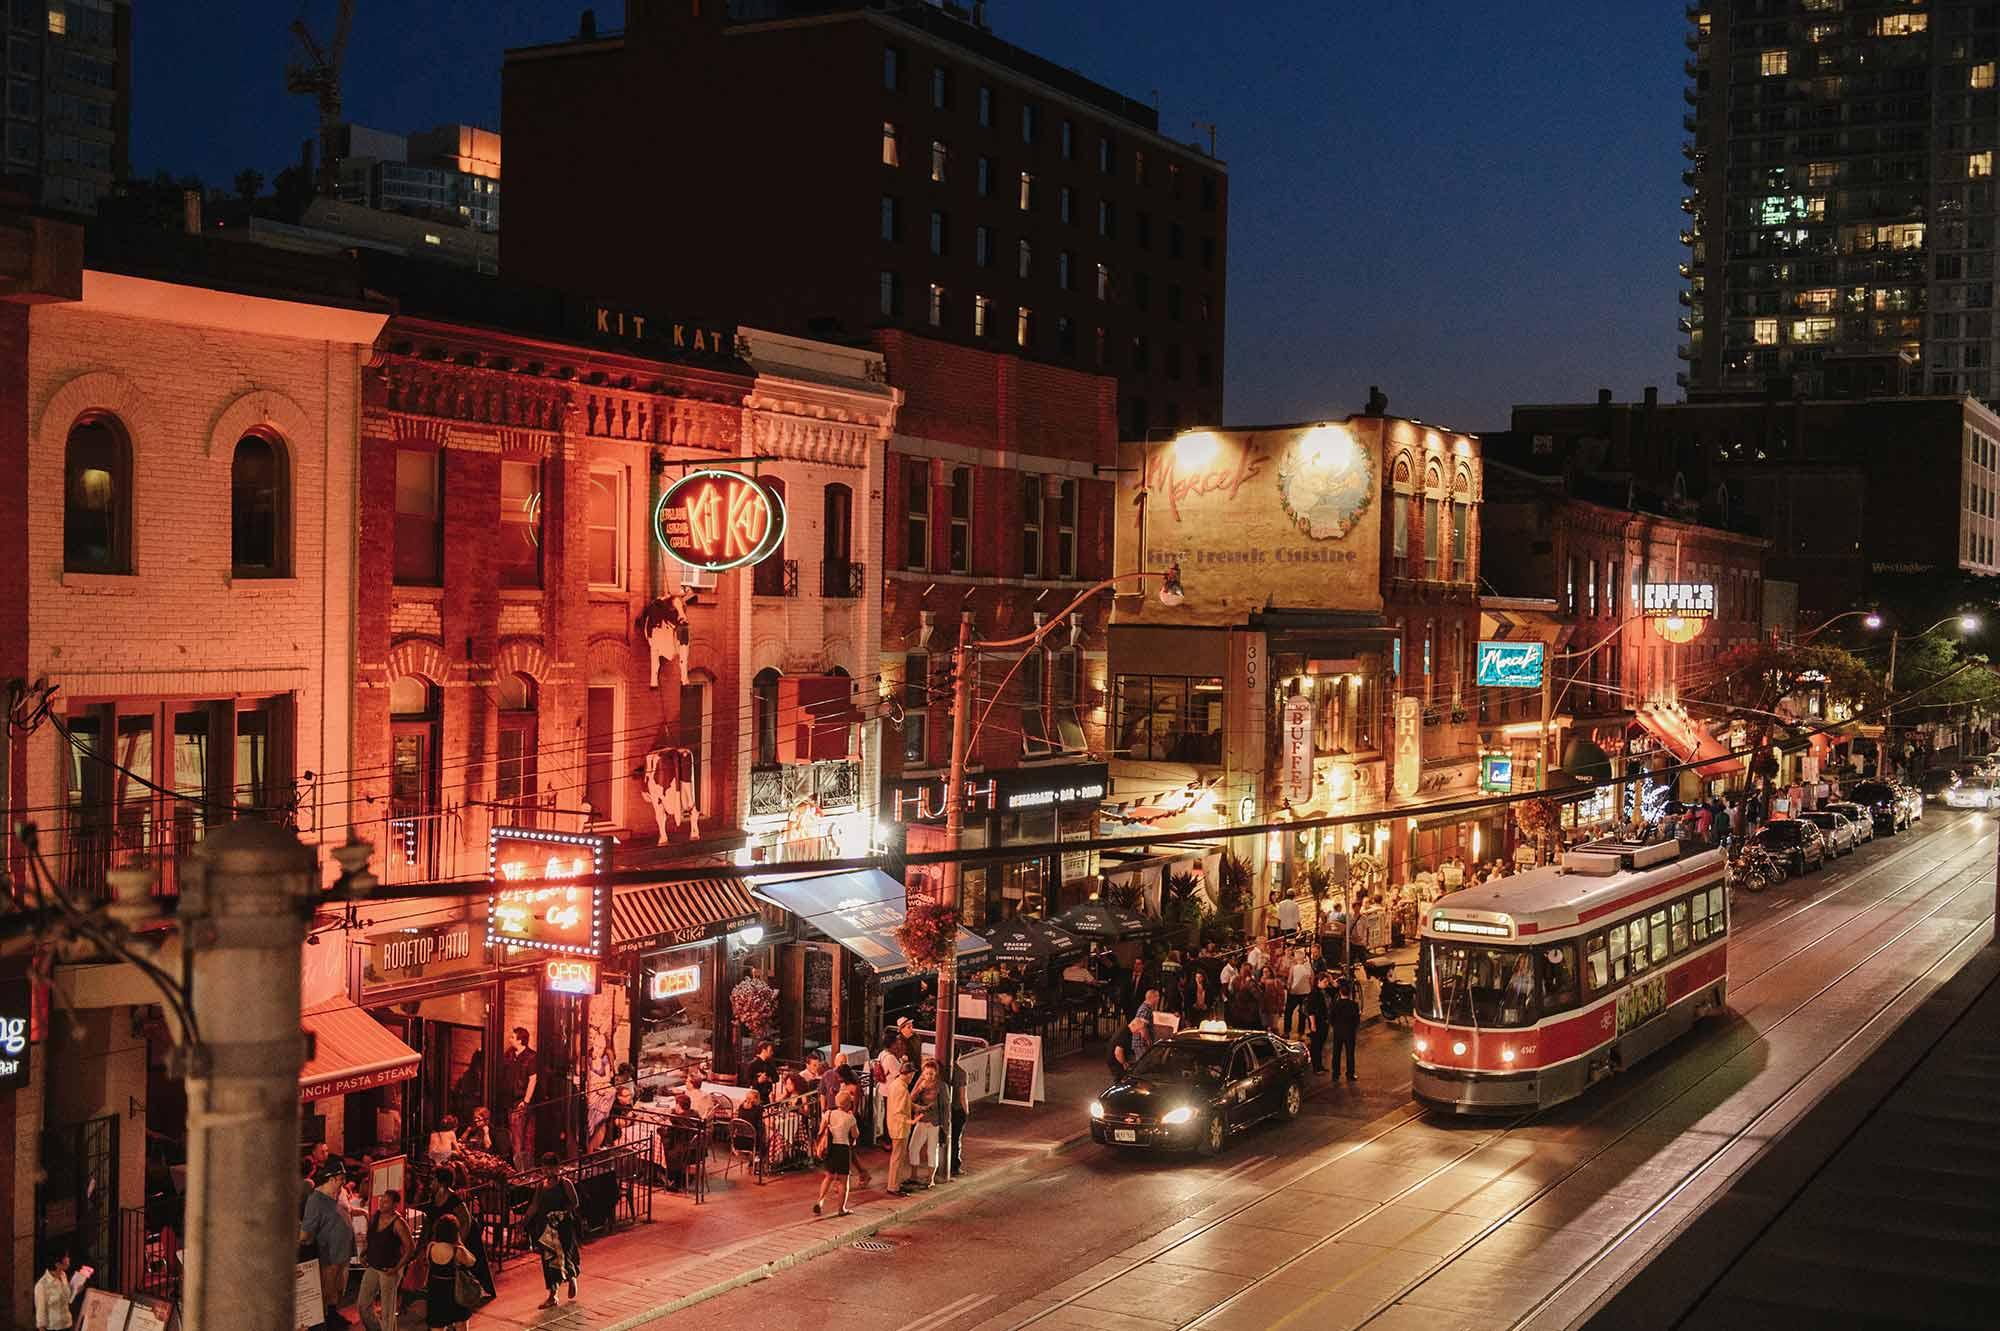 Entertainment District, Toronto